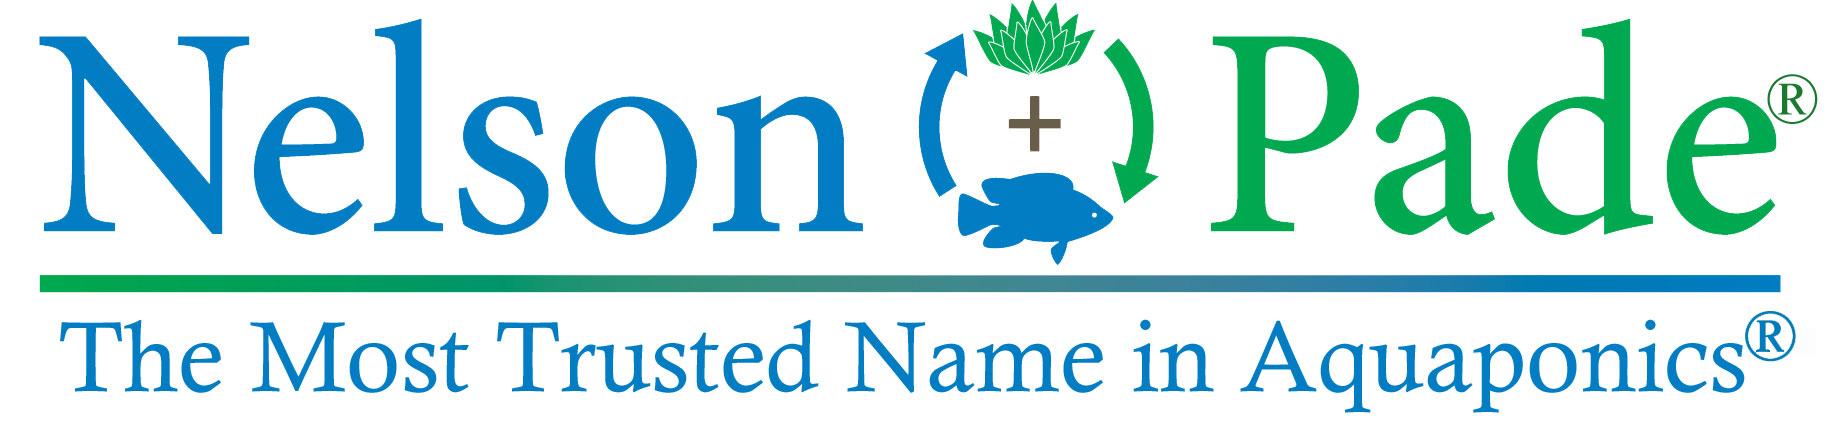 How Aquaponics Works • Nelson & Pade Aquaponics